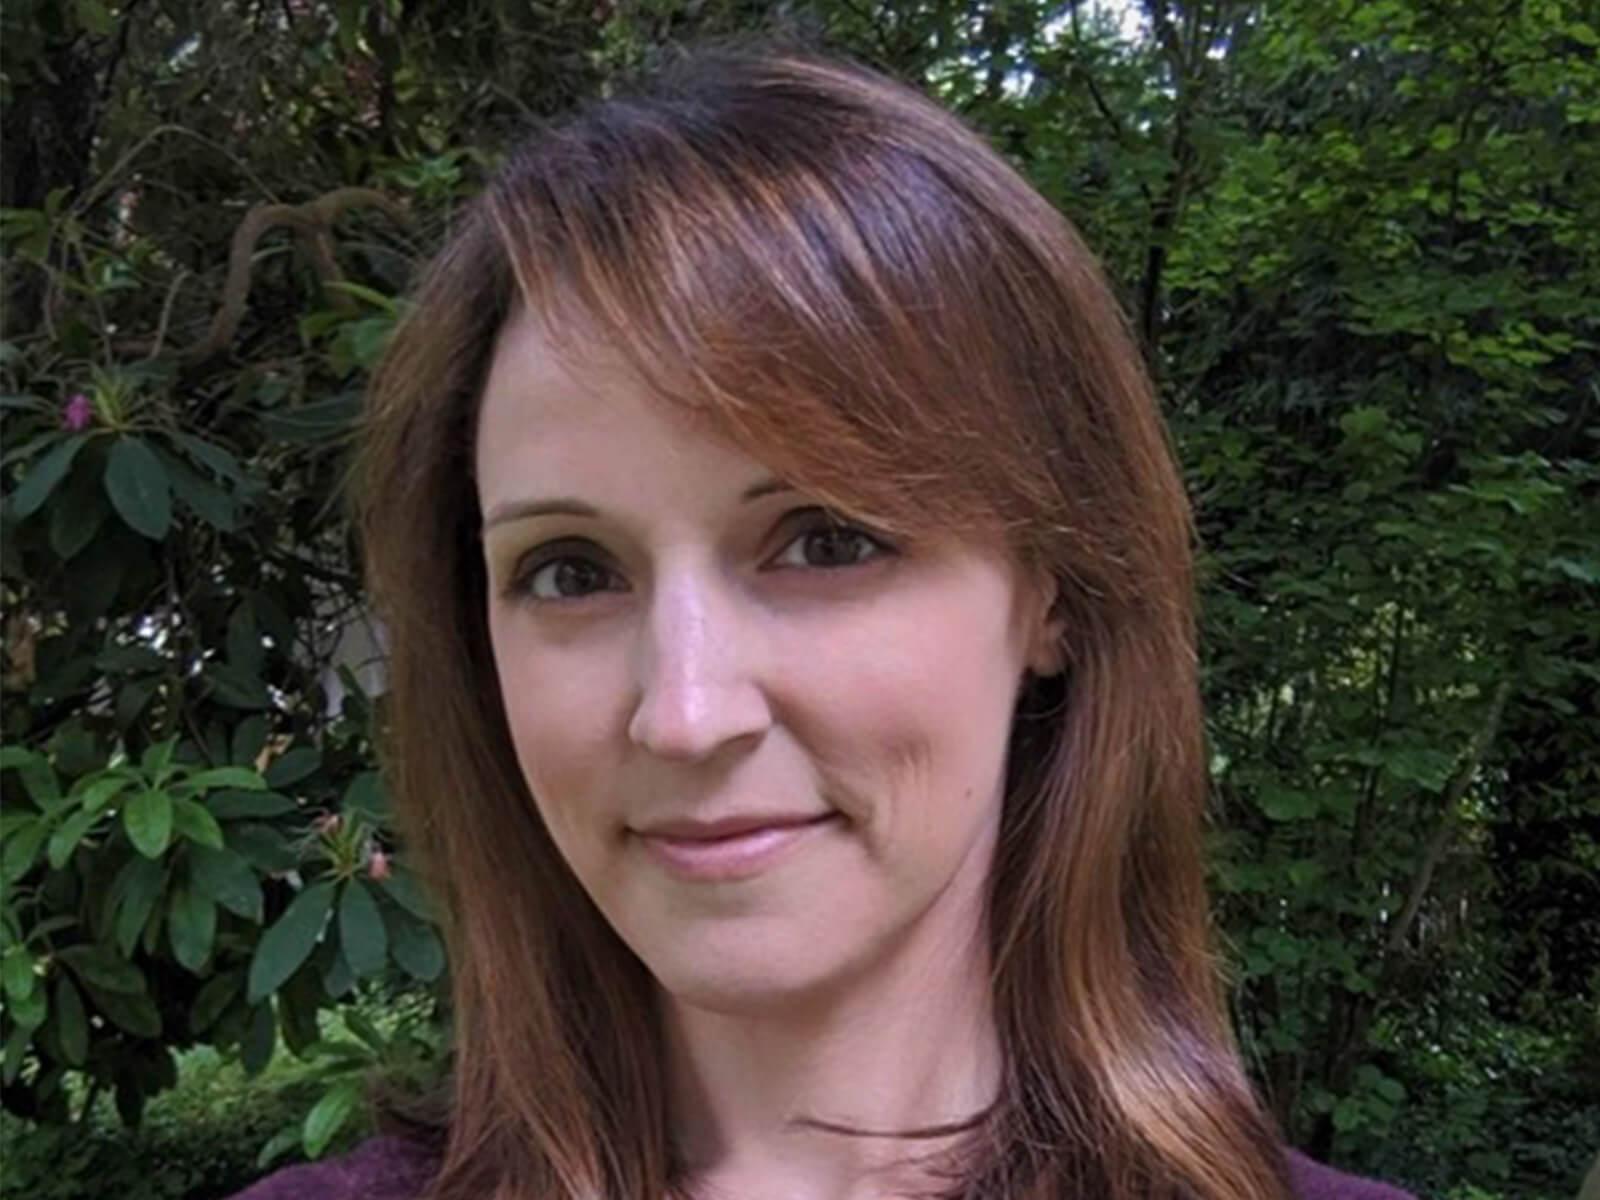 DigiPen professor Dr. Vanessa Hemovich.